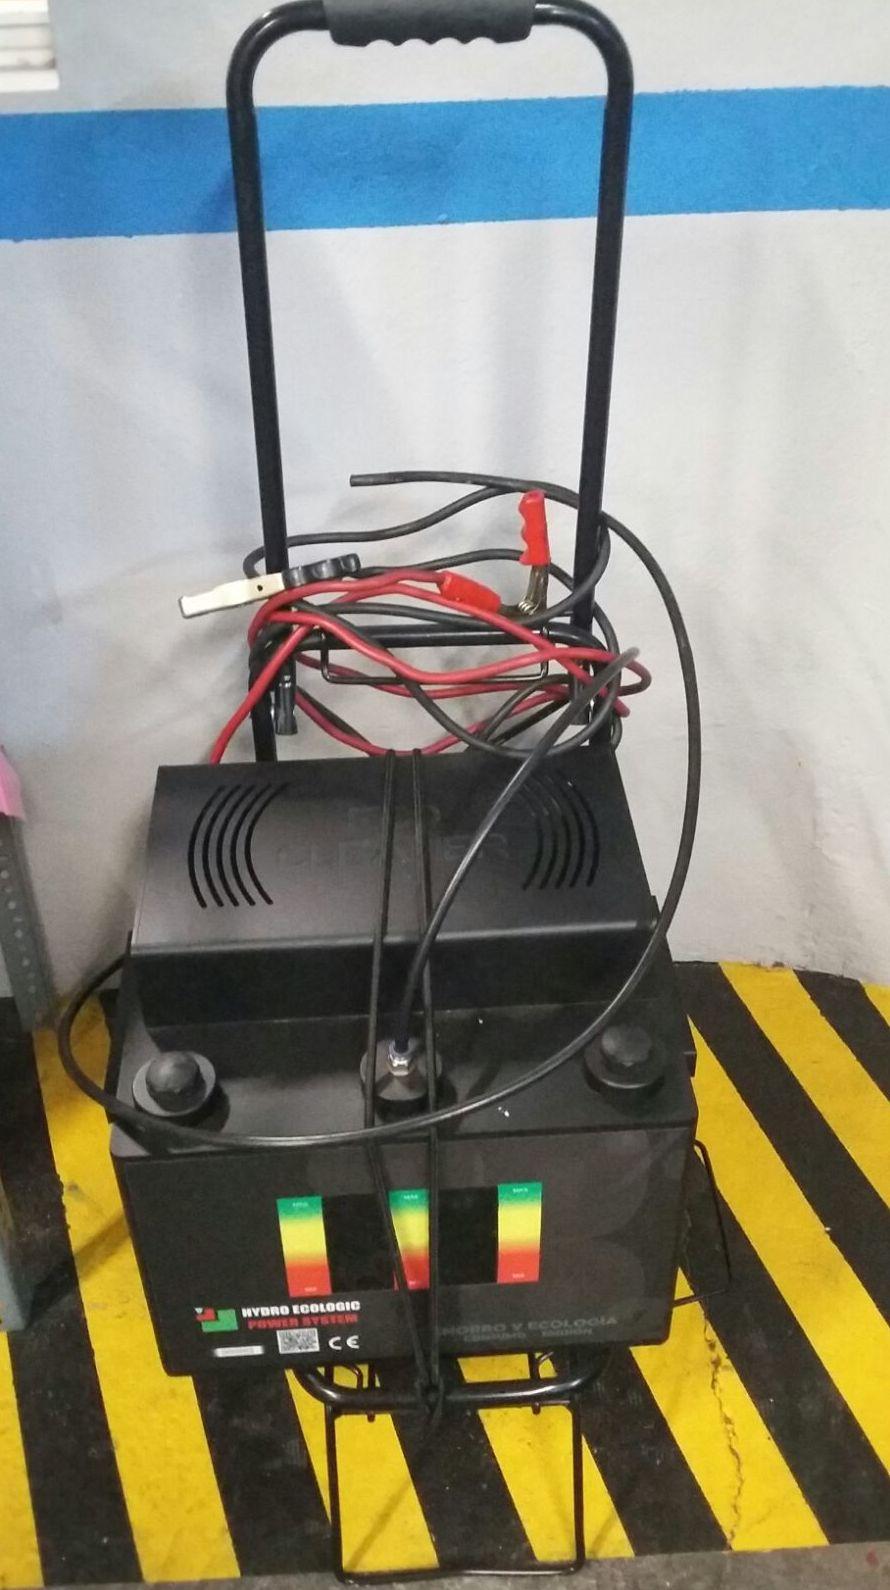 Arranque del motor térmico con el alternador